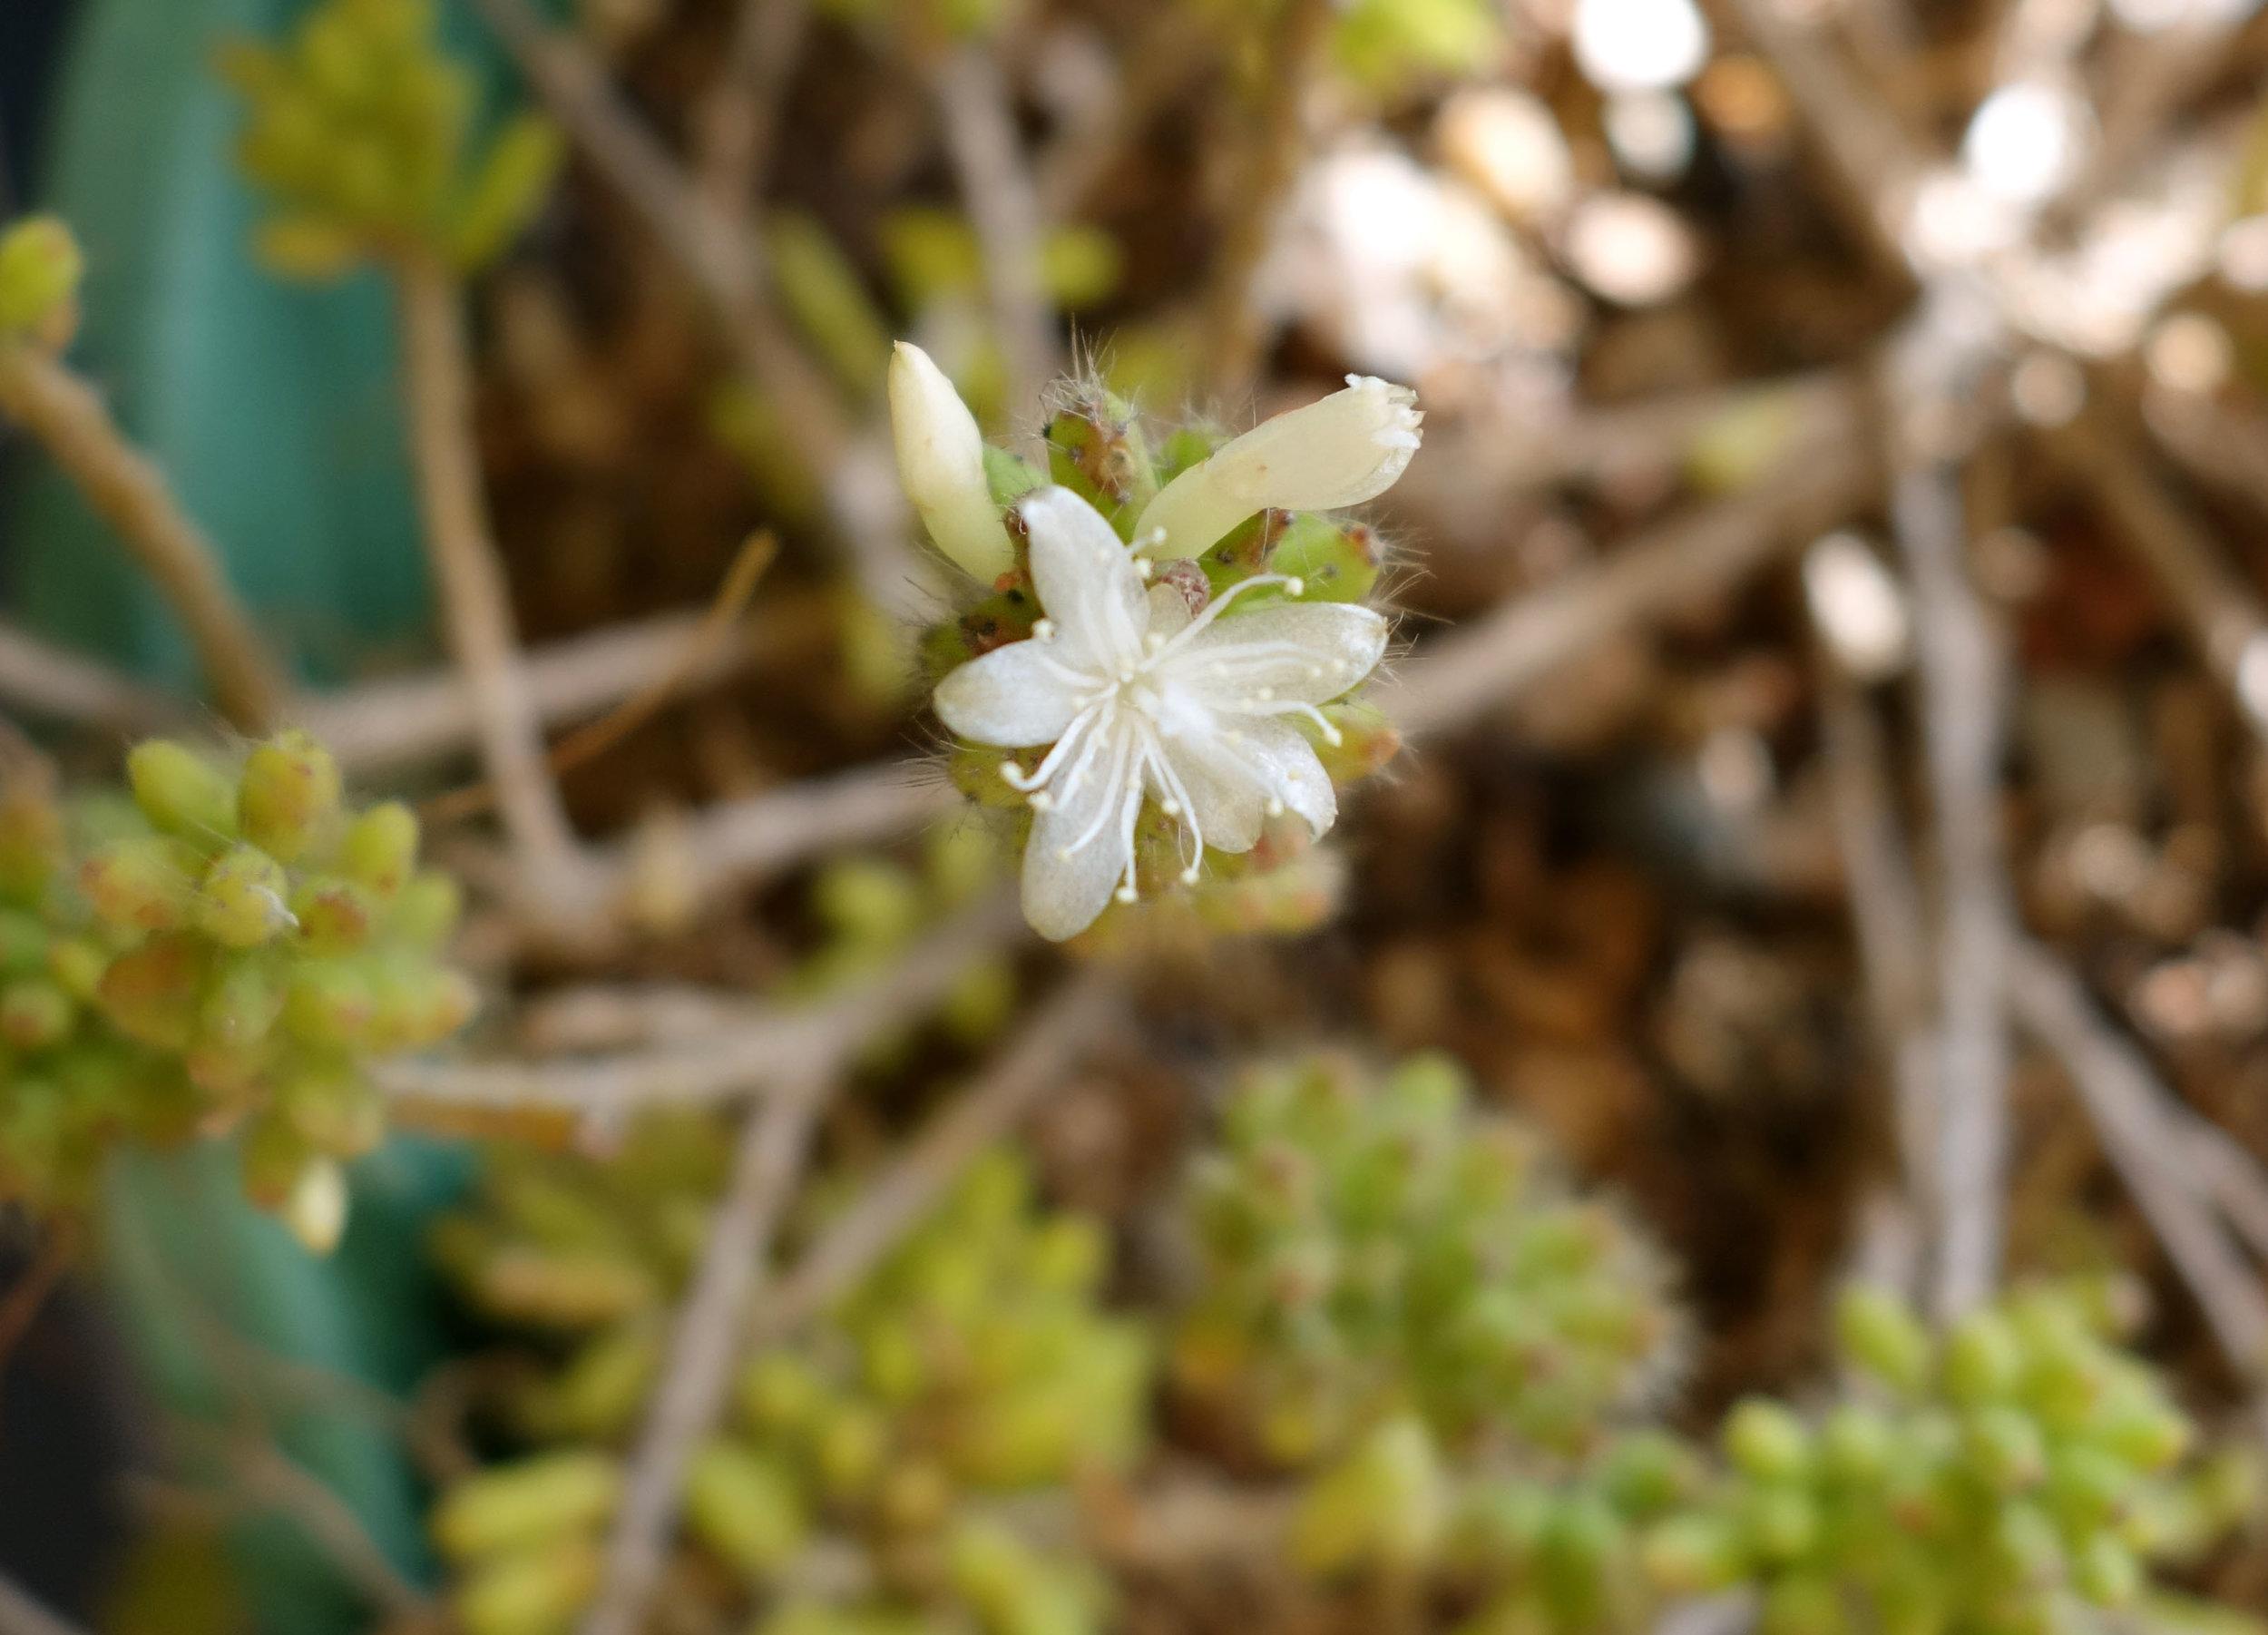 Rhipsalis mesembryanthemoides flower 11-16-17.jpg